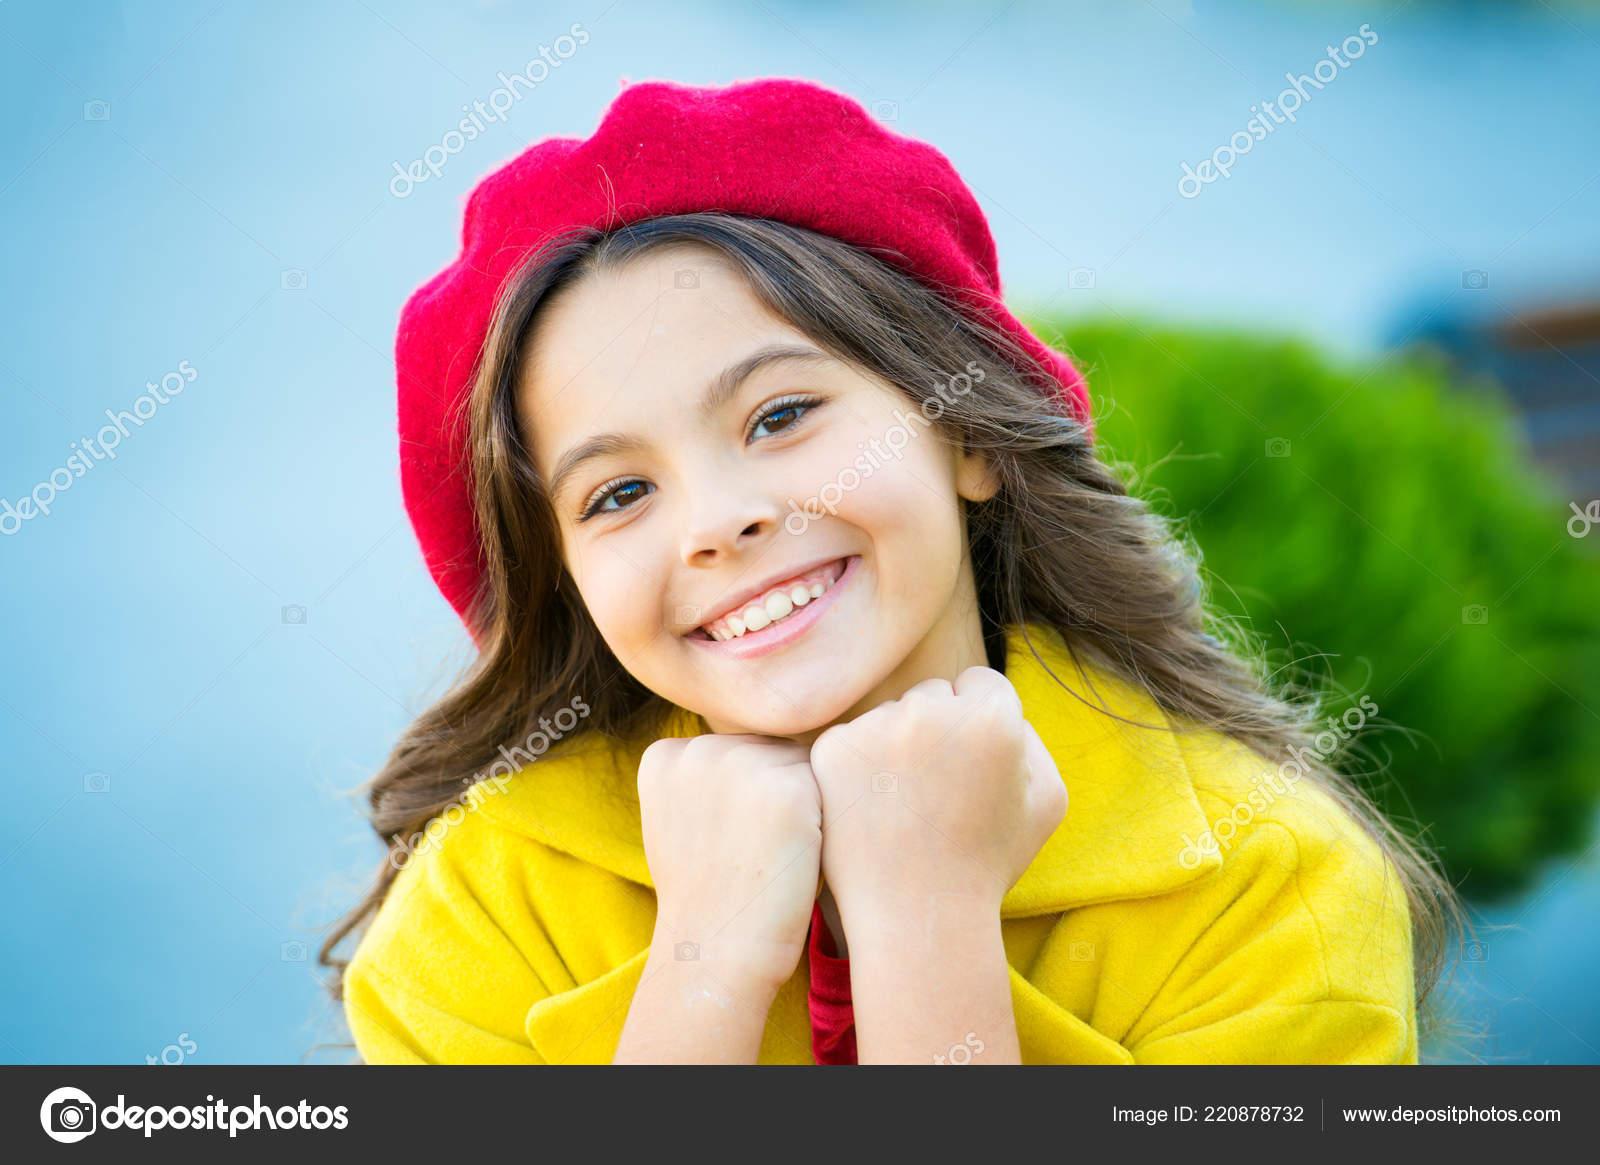 007ab9d9d5 Garoto garota brilhante chapéu boina longo cabelo encaracolado. Acessório  de moda de chapéu de queda. Tendência francesa temporada de outono.